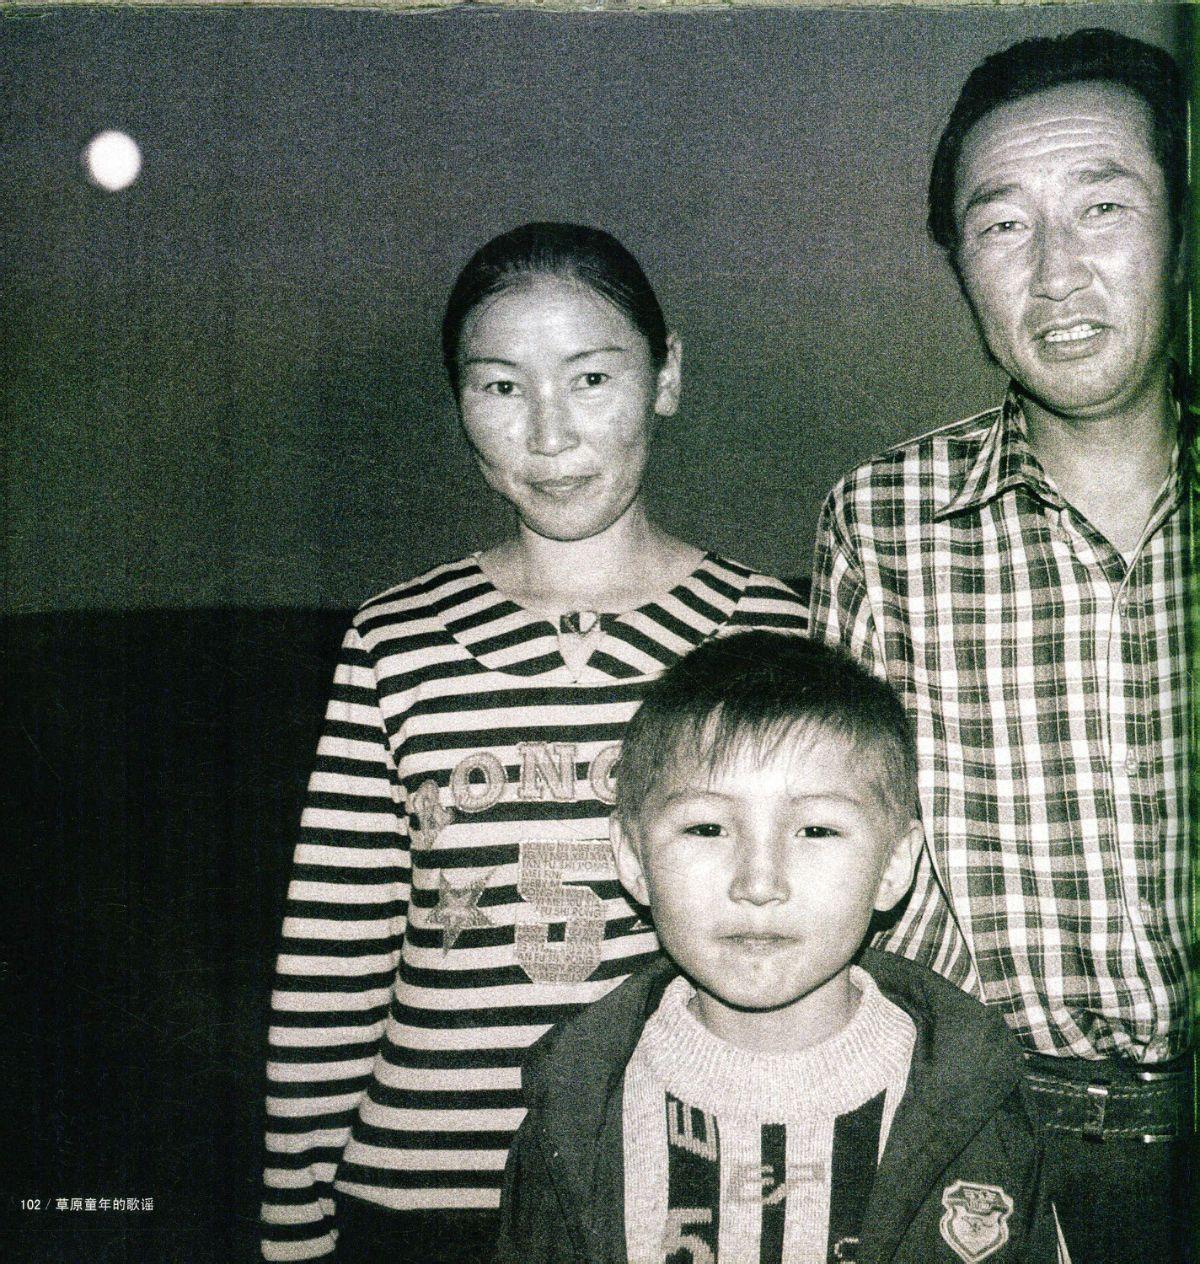 第一个是乌达木的爸爸妈妈么图片